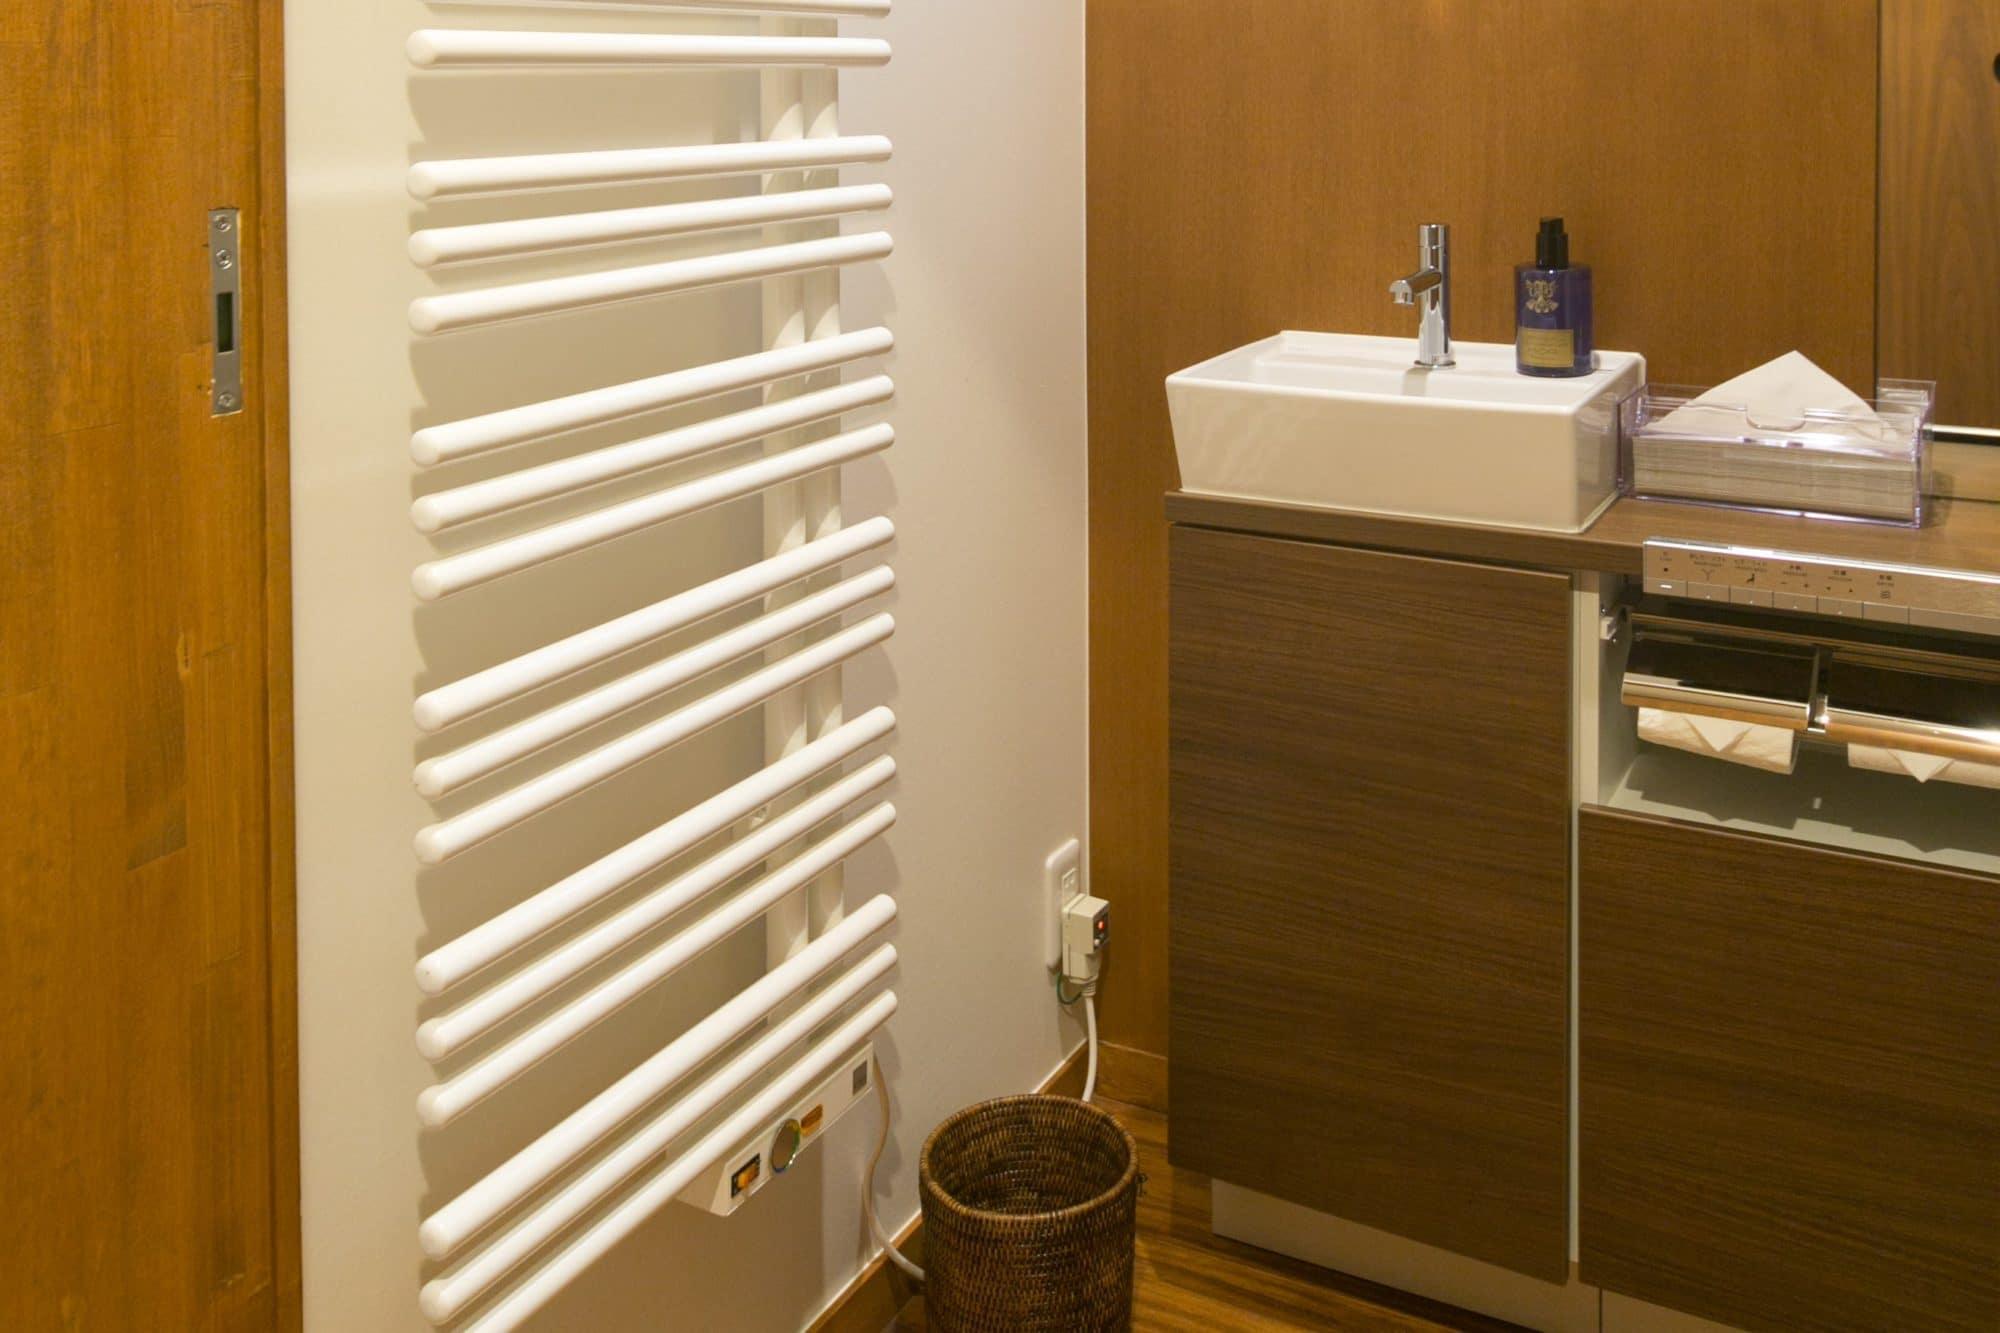 主暖房と一緒に併用をおすすめする補助暖房を3種類を紹介します